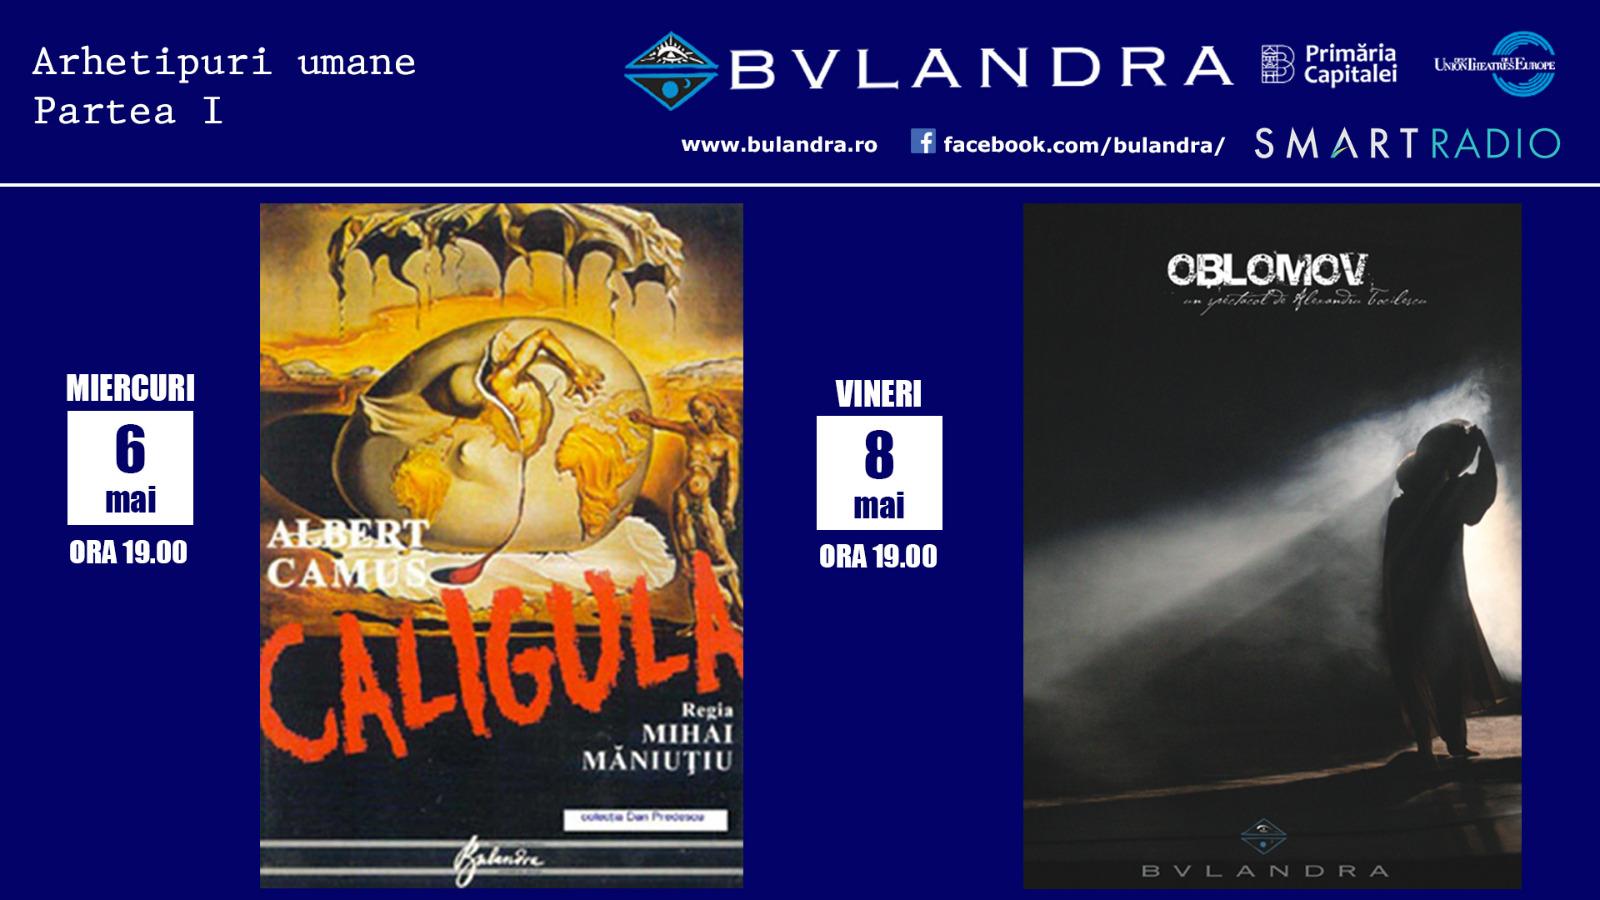 Teatrul Bulandra îți aduce întâlnirea dintre Caligula și Oblomov pe Smart Radio